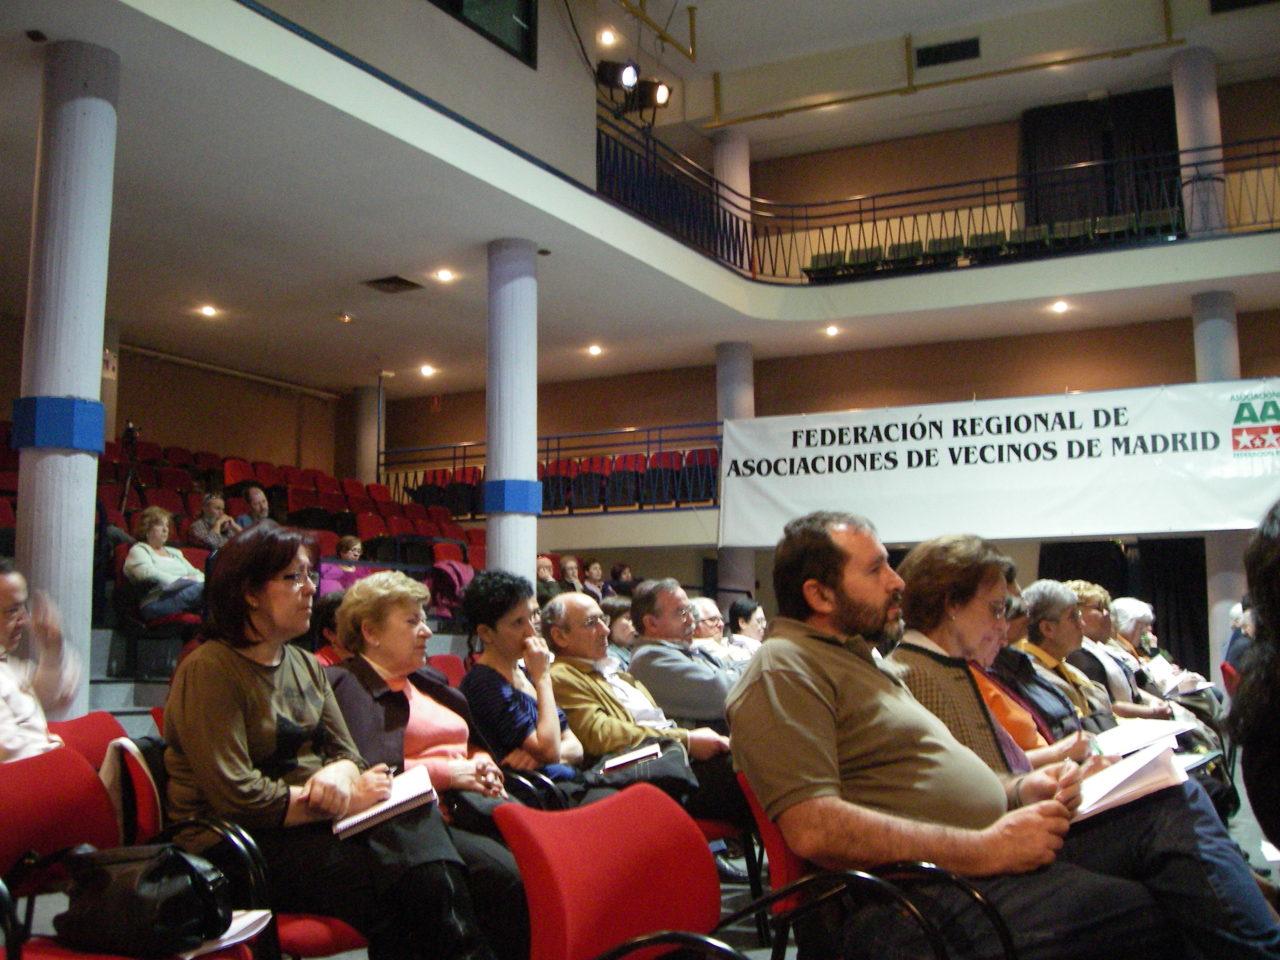 La FRAVM inicia una ronda de reuniones con las asociaciones federadas